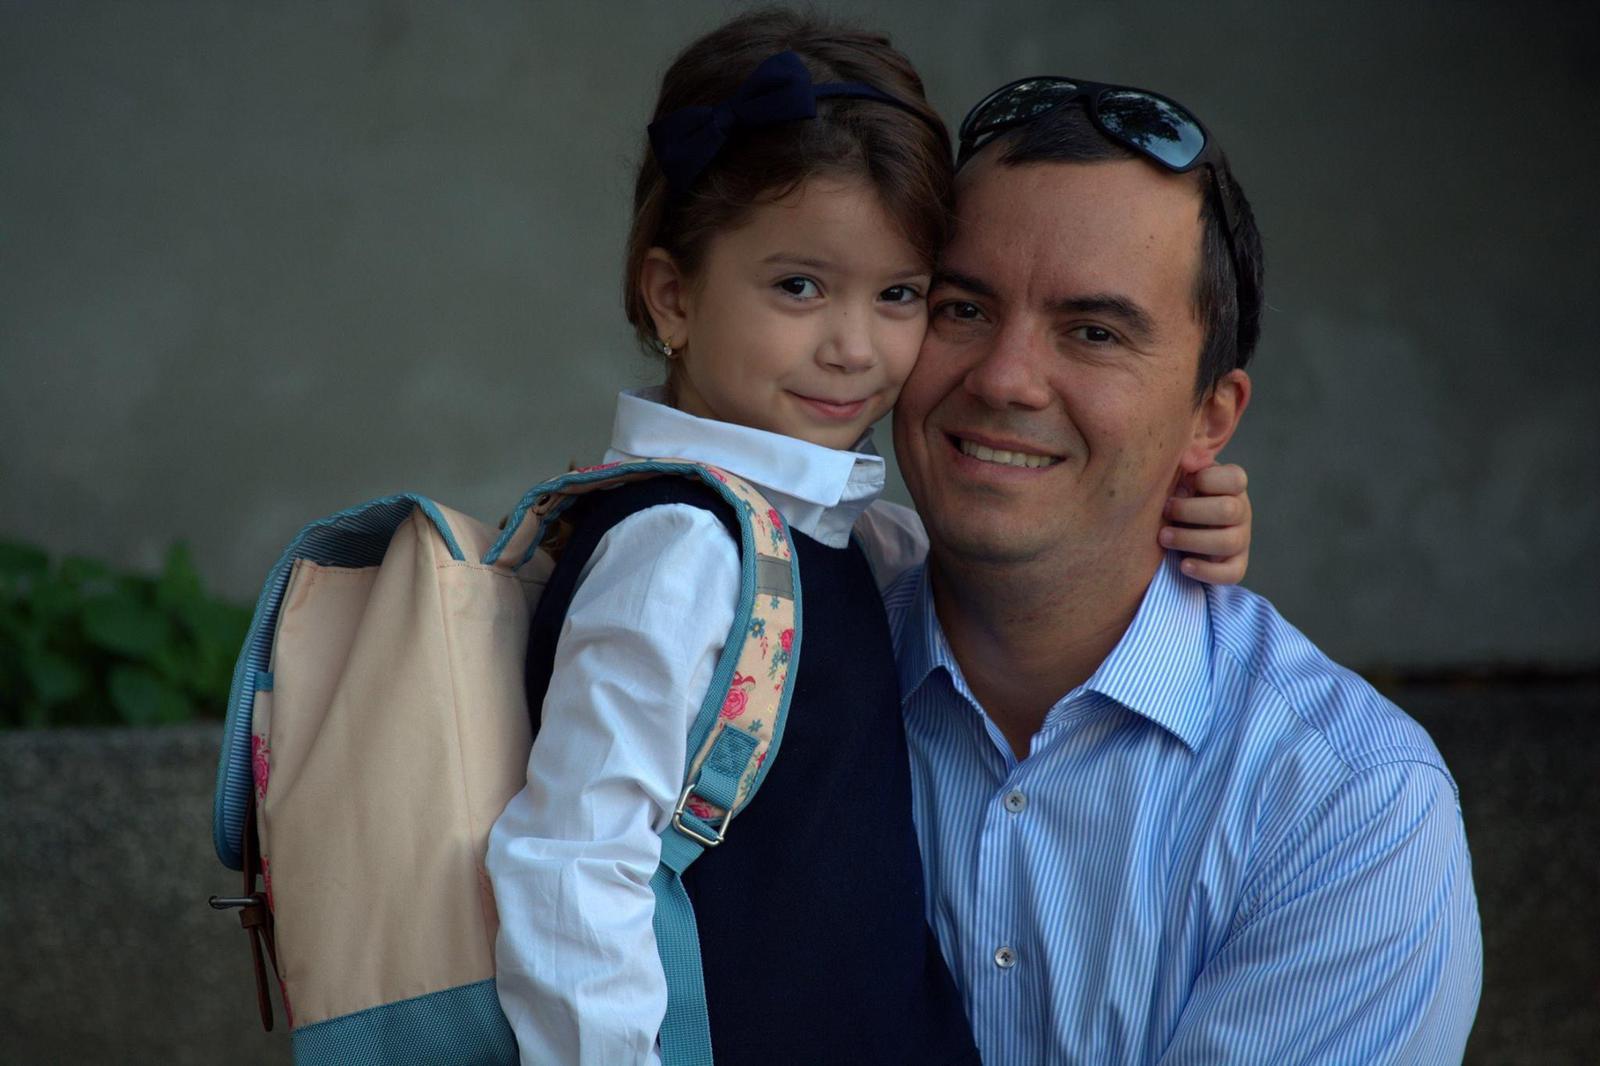 Interviu cu un tată din comunitatea noastră – Bogdan Putinică